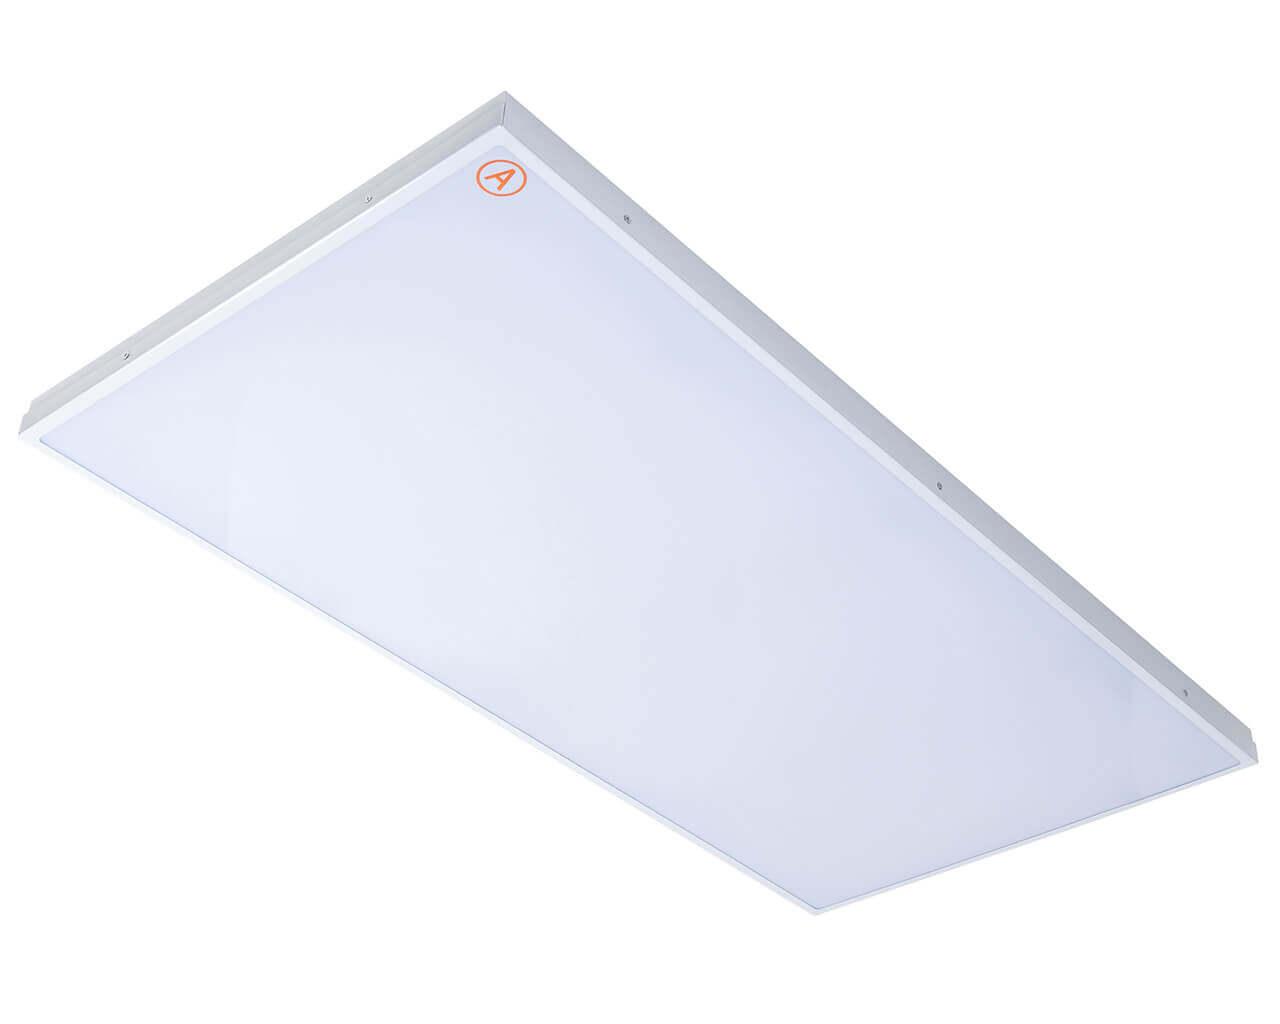 Накладной светильник LC-SIP80 1195x595 IP65 Теплый белый Опал с Бап 3 часа